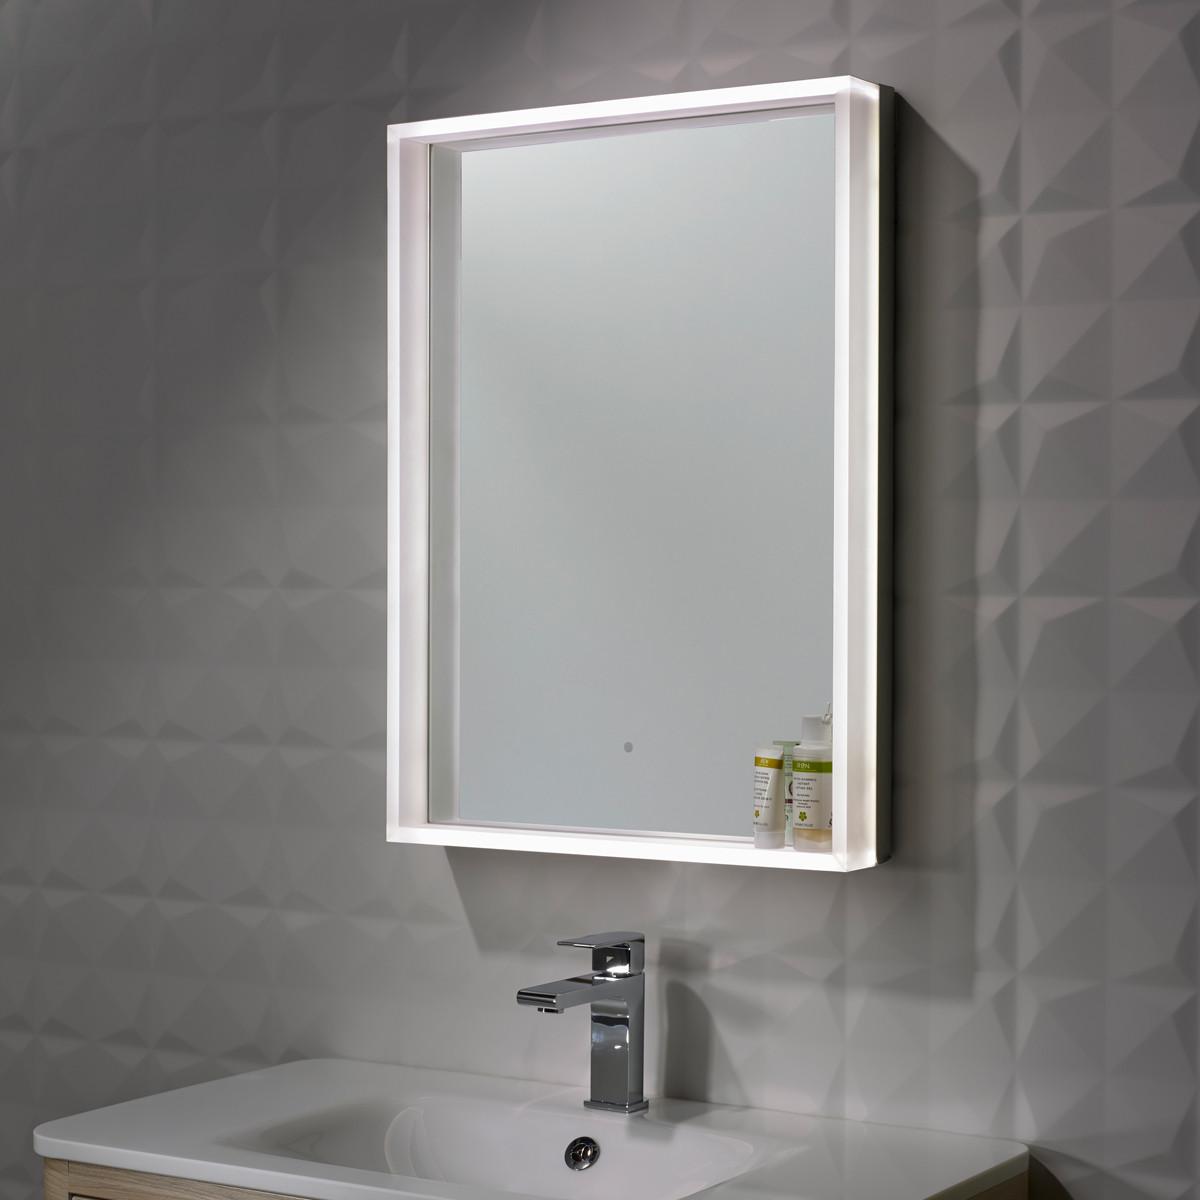 Led demister bathroom mirrors - Bathroom Mirrors Roper Rhodes Mirrors Roper Rhodes Aura Led